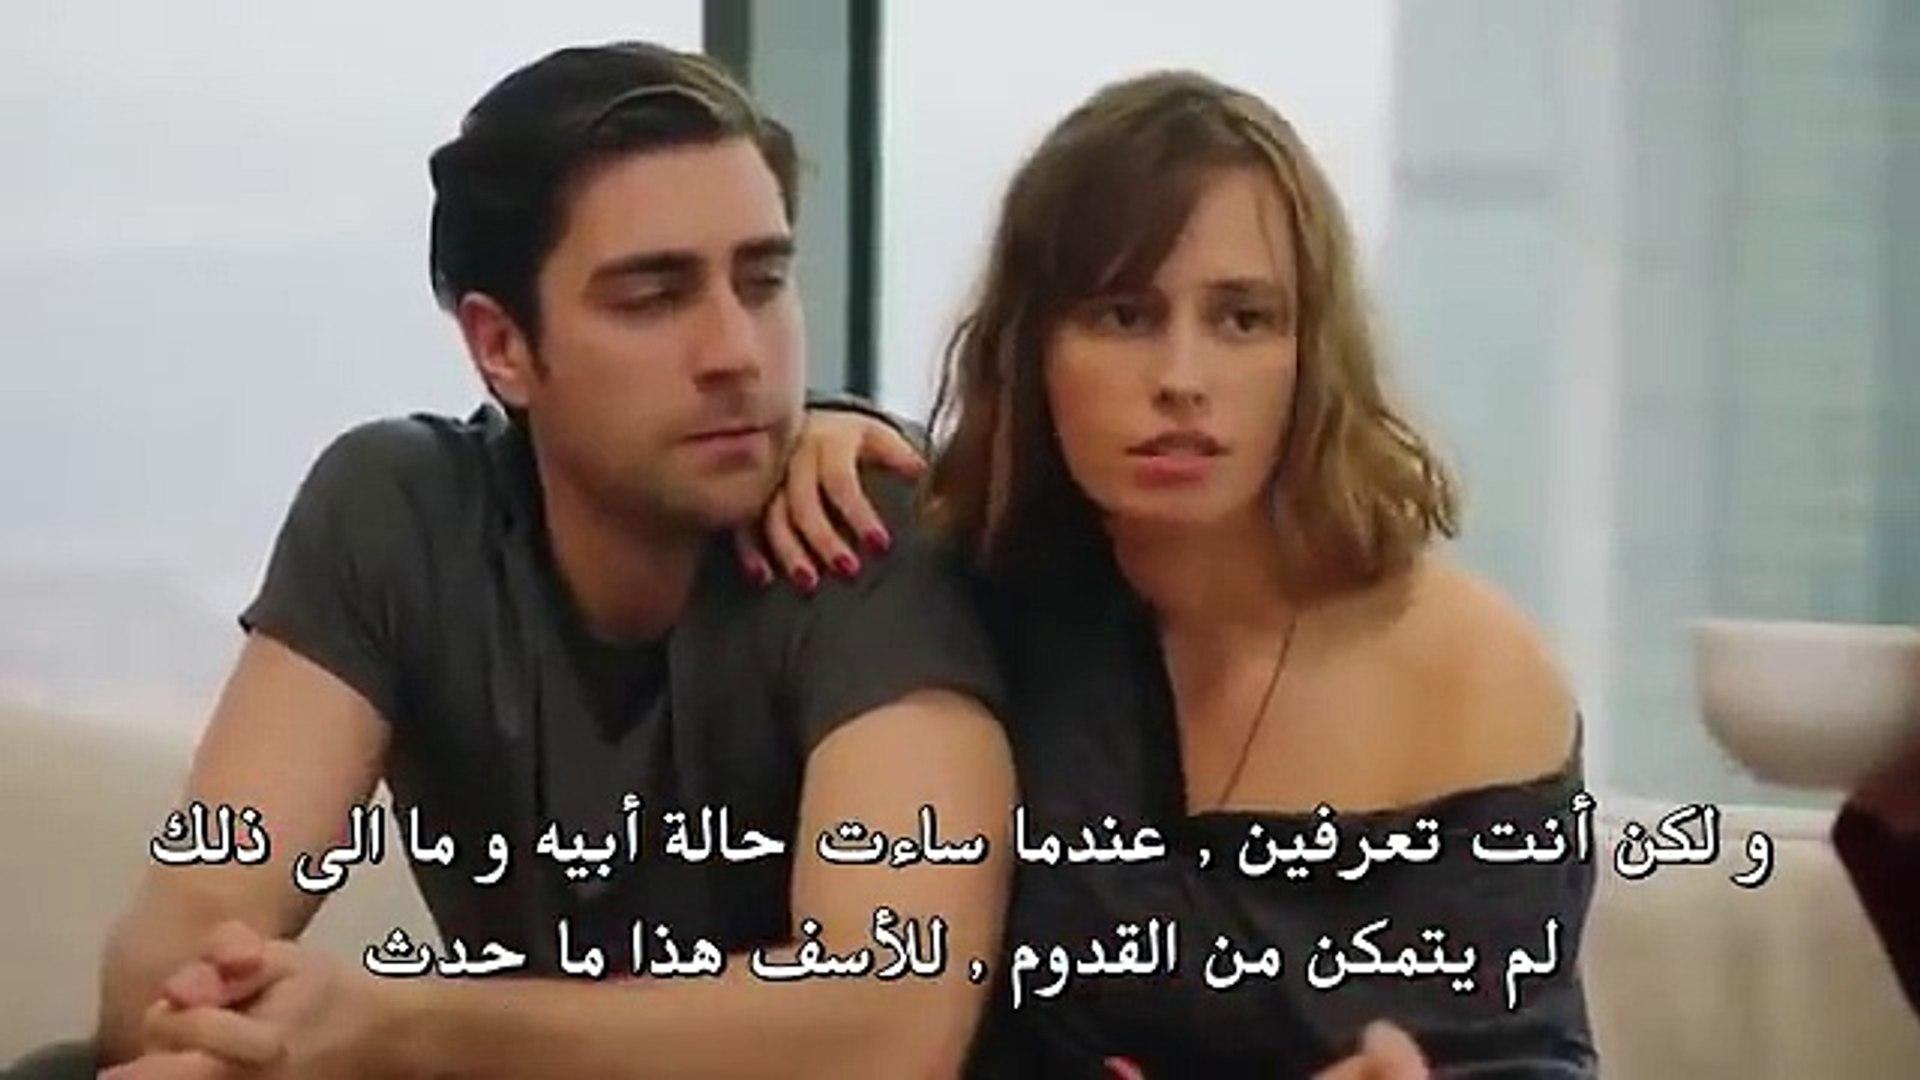 مسلسل فضيلة وبناتها الحلقة 35 مترجمة للعربيه